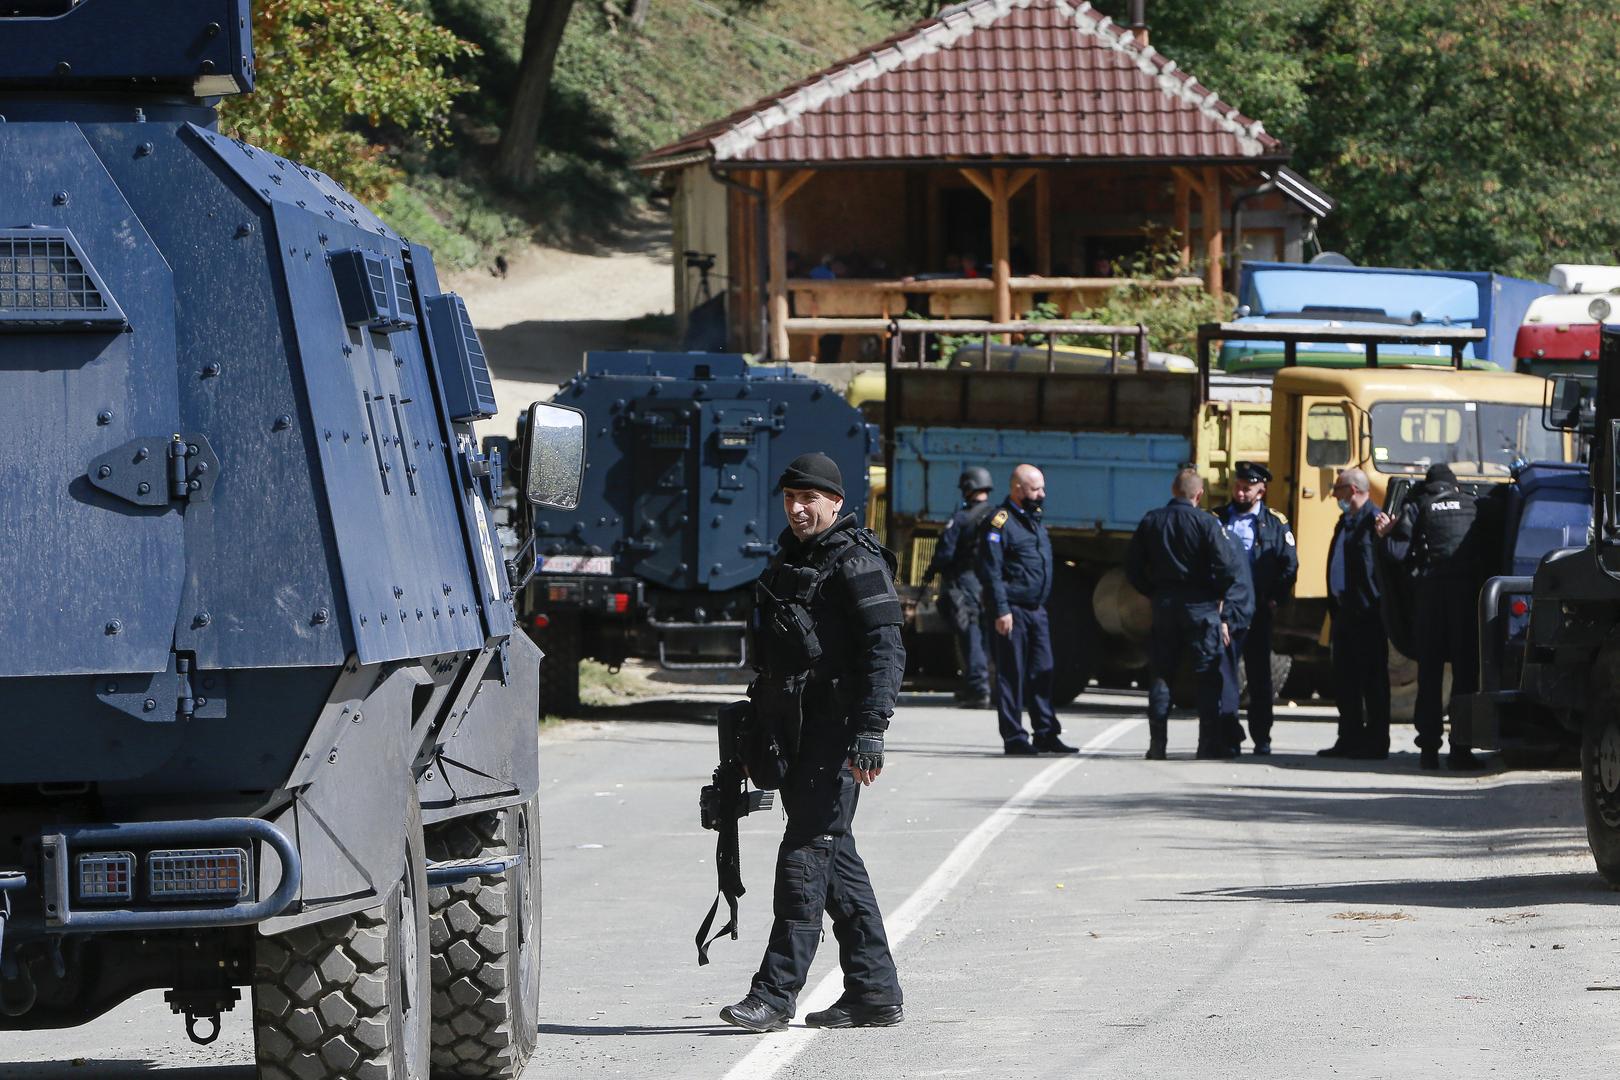 وسط تصاعد التوتر مع صربيا.. استهداف مكتبين حكوميين في كوسوفو